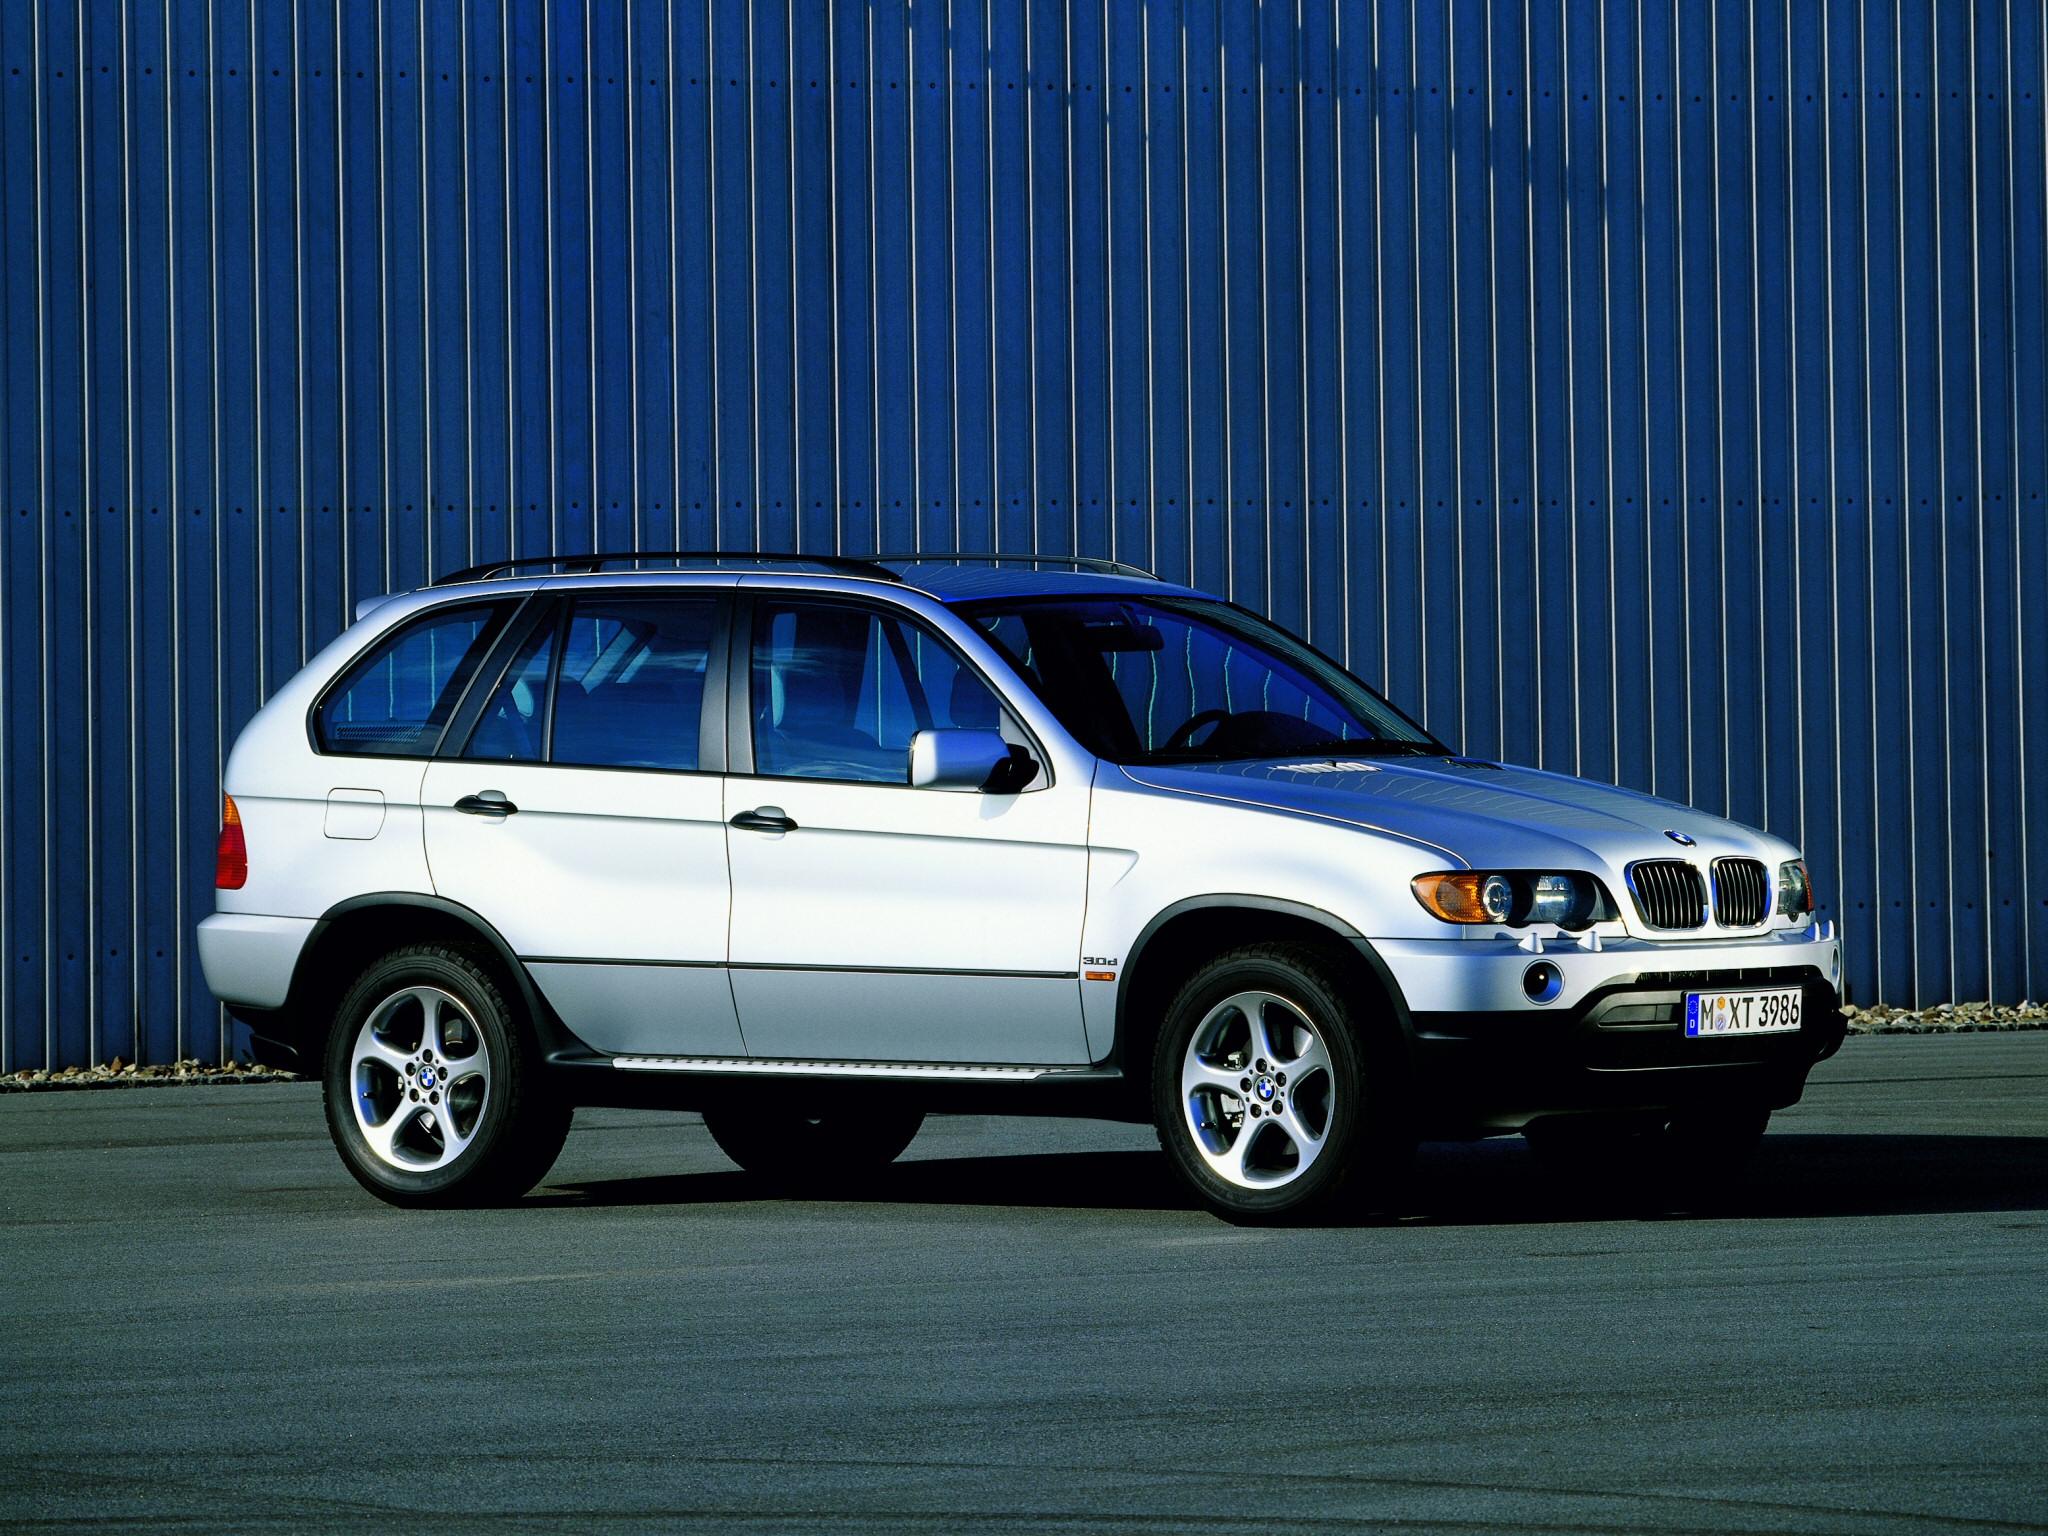 1999-ben ismeretlen vizekre eveztek az X5-tel az akkor még tojáshéjat magáról lerázó SUV piacon. Bejött.